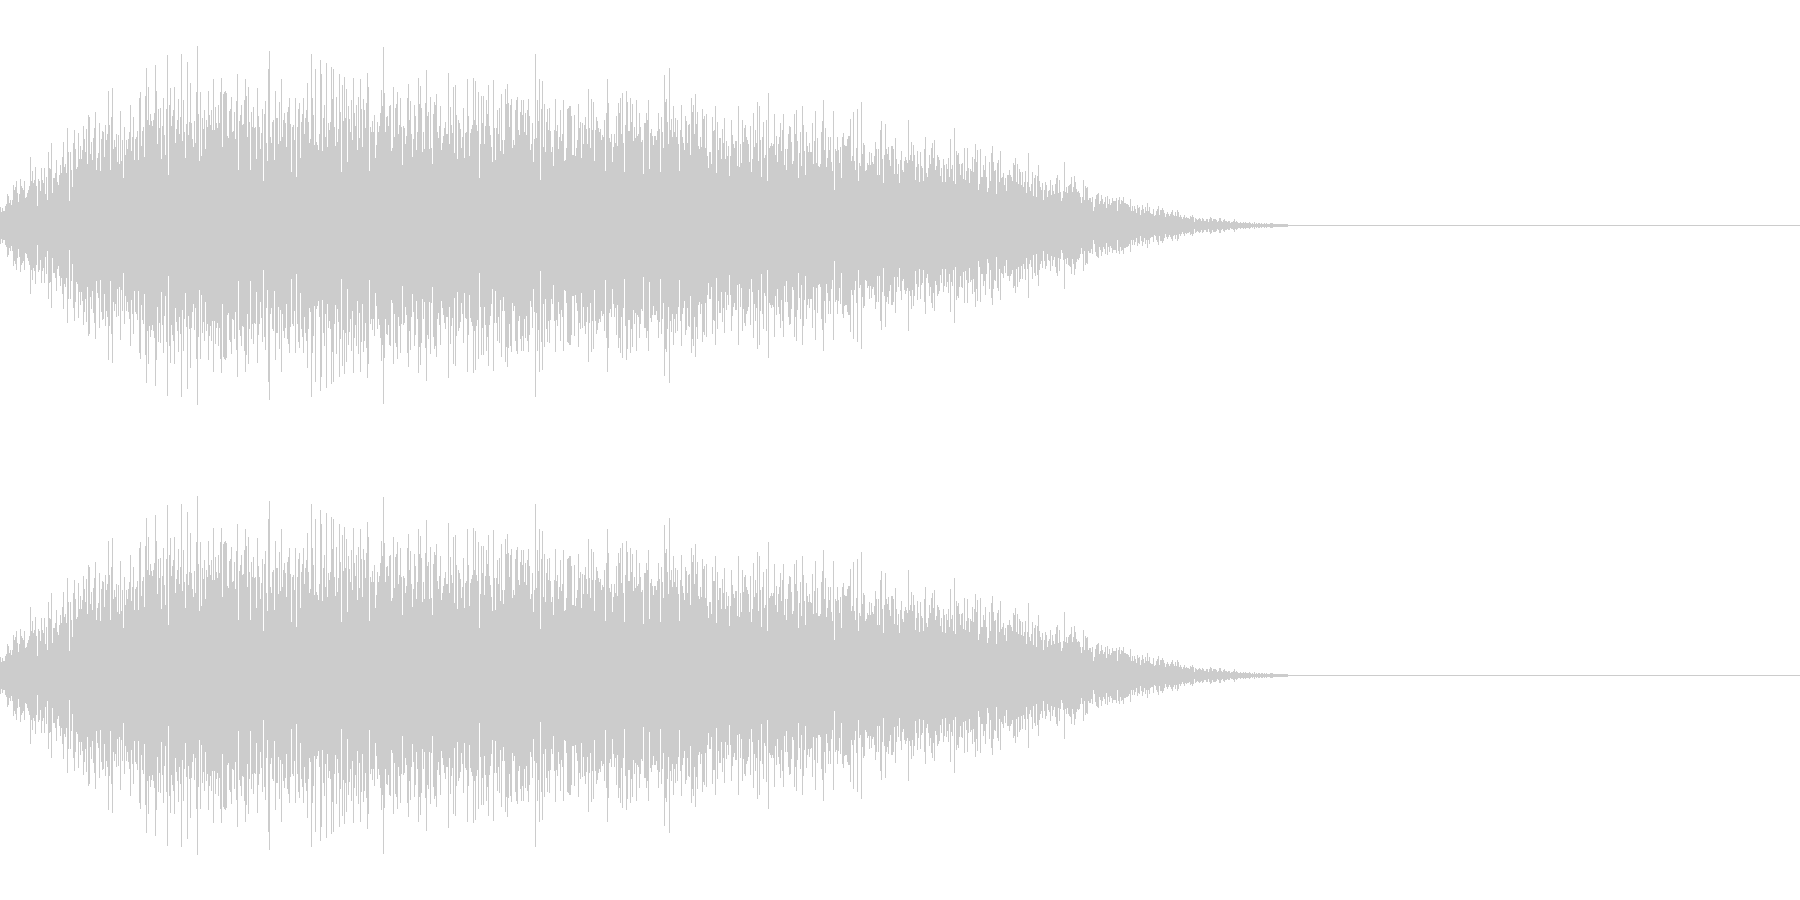 サーッ(スライディング/滑り込む)の未再生の波形